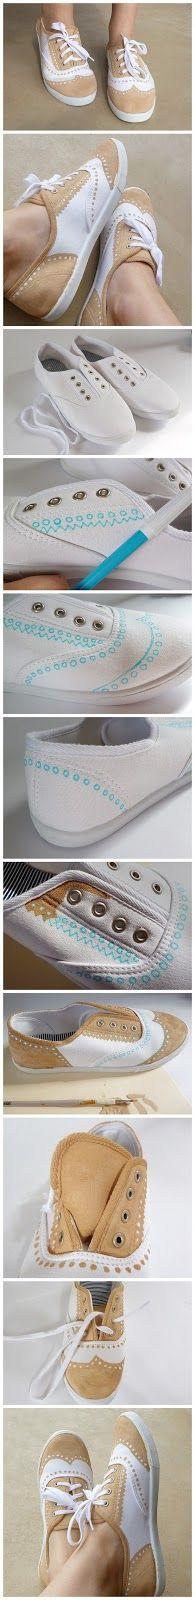 Tutoriales y DIYs: Pintar zapatos